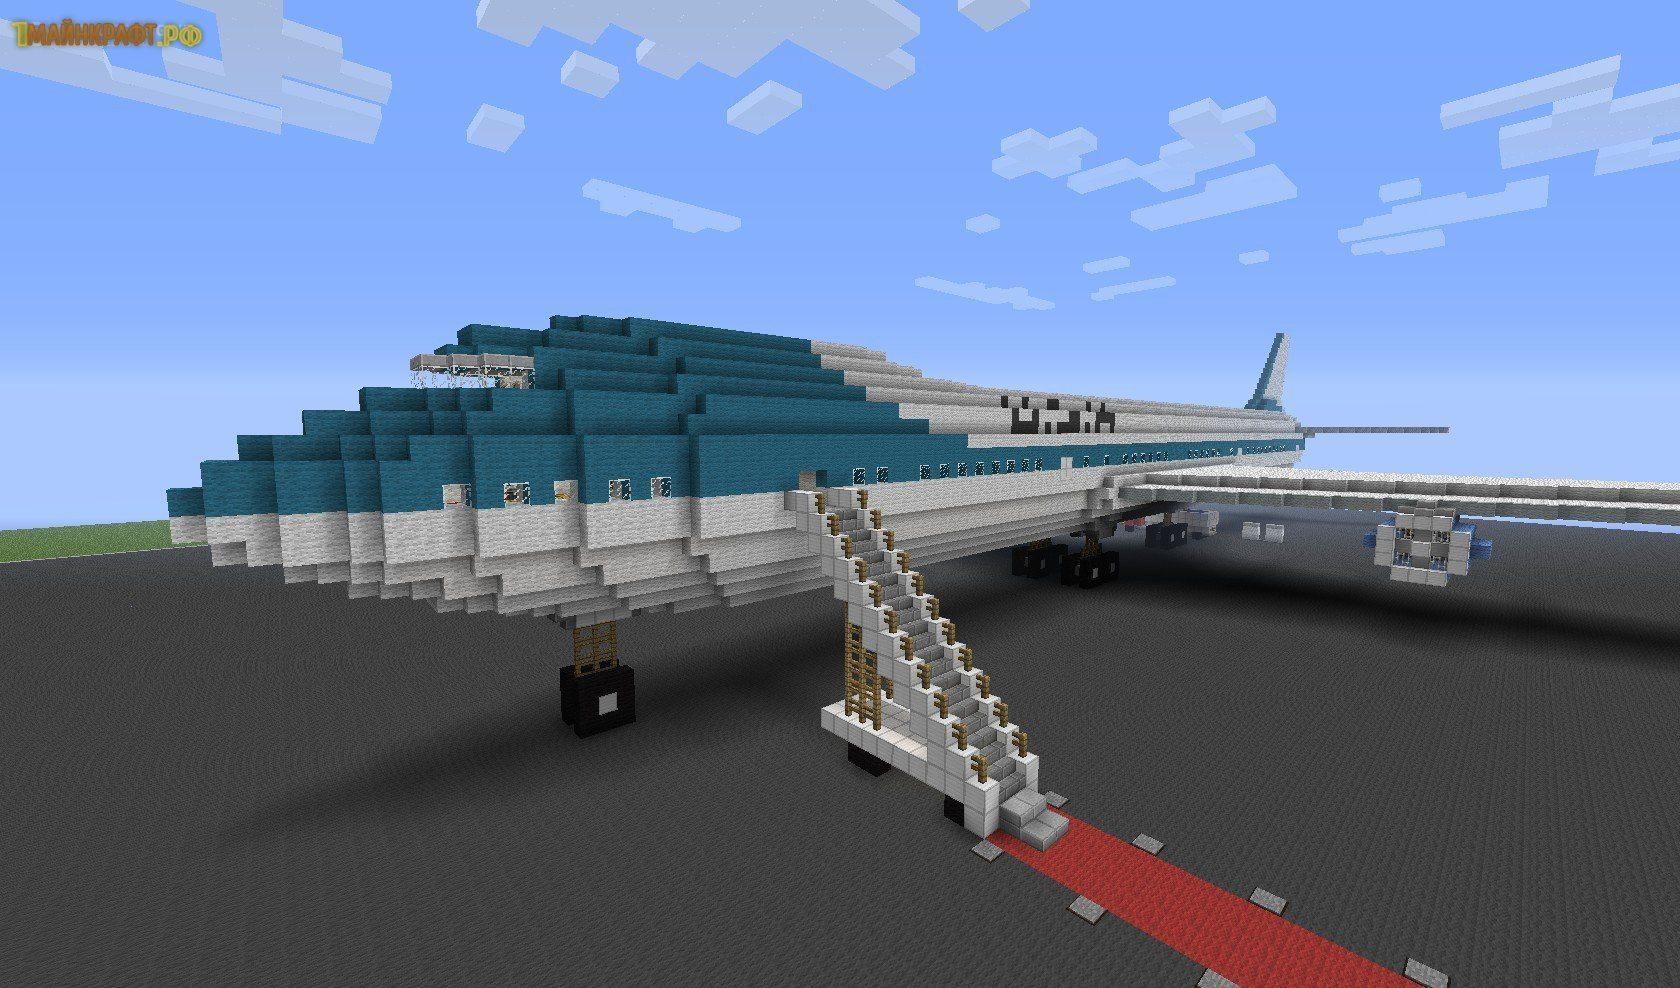 Мод на самолеты и машины для майнкрафт 1.7.10